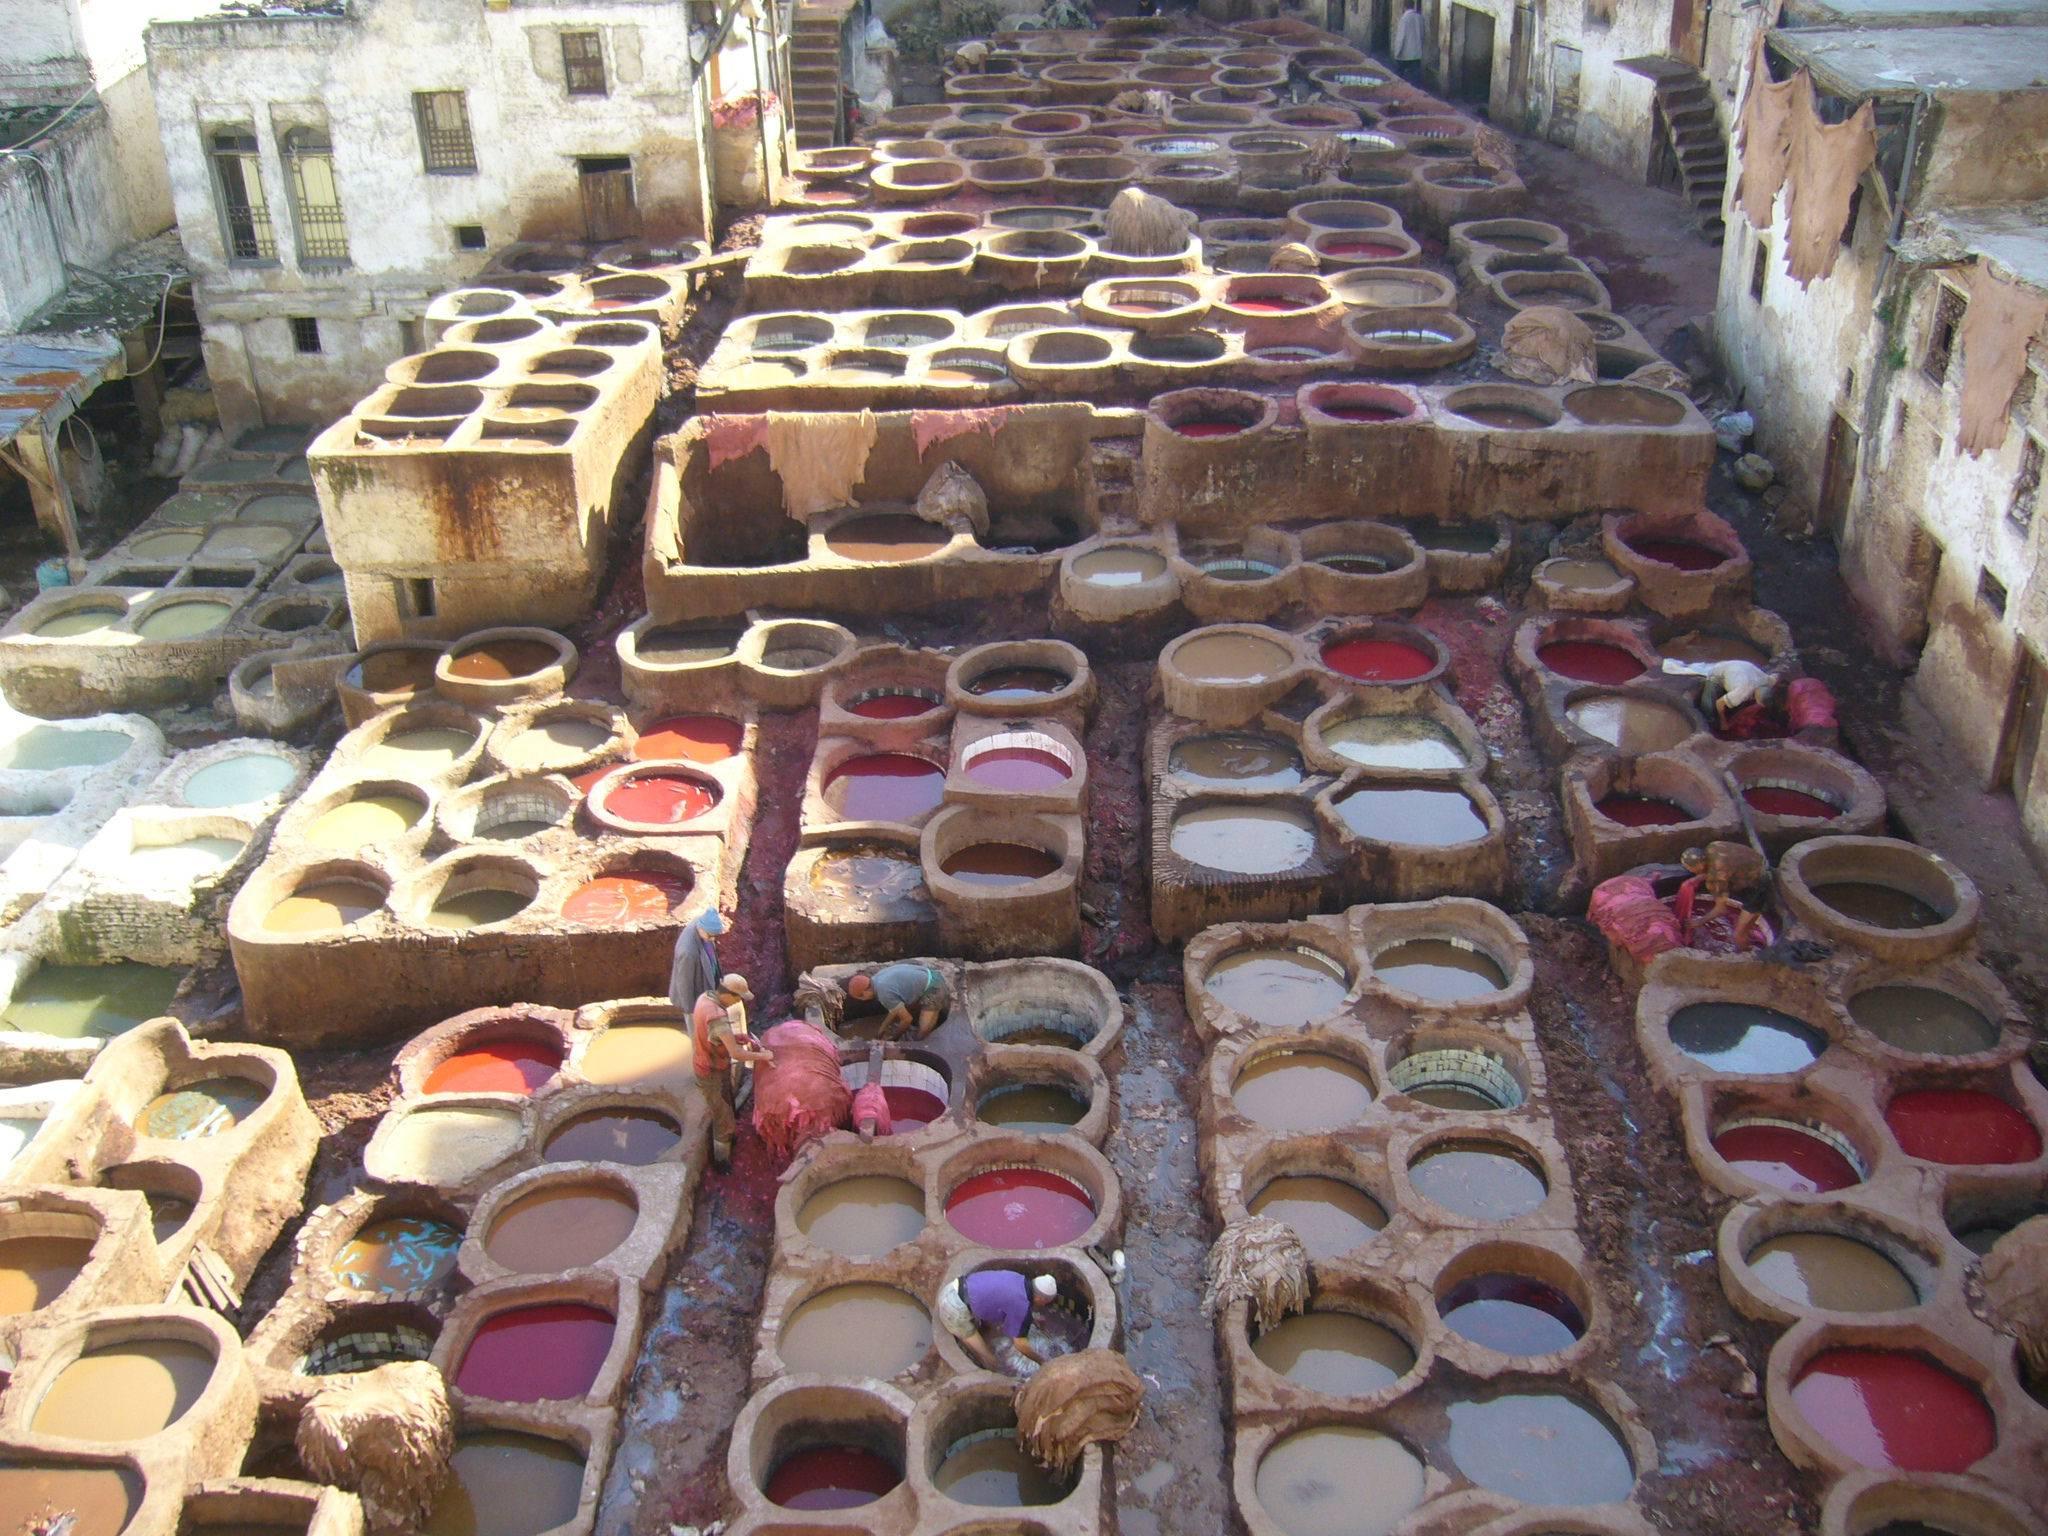 destinos más románticos - fez - marruecos